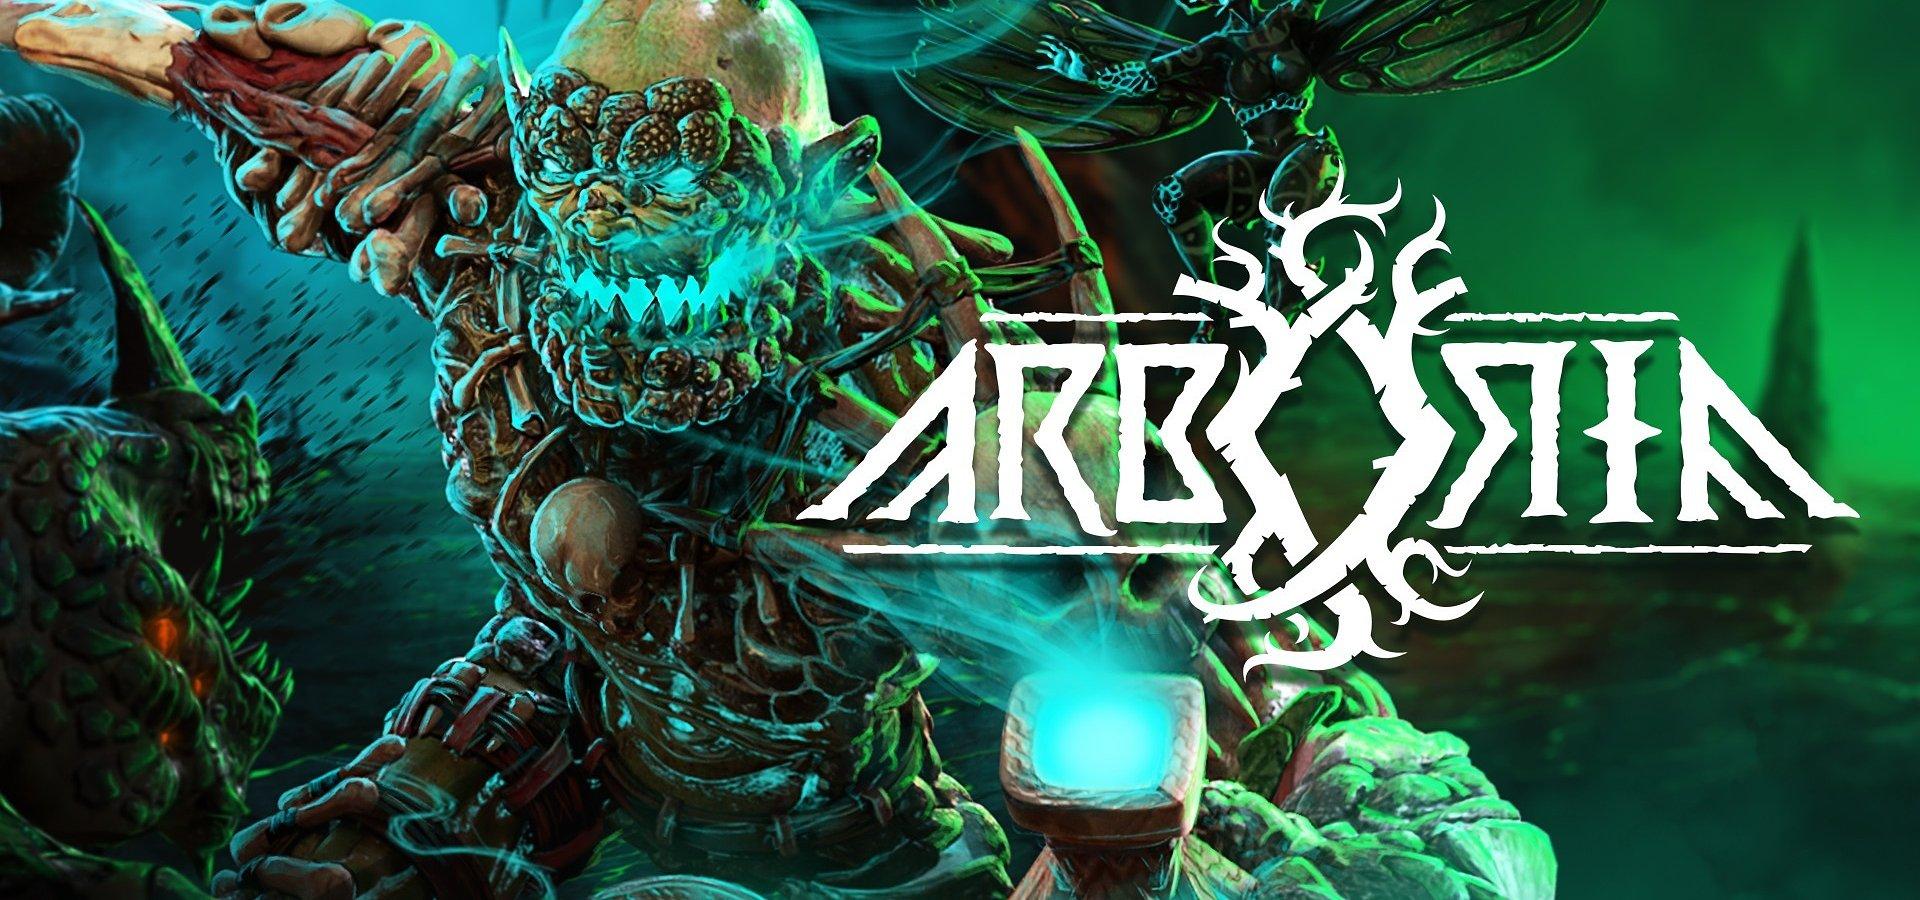 Arboria взывает отправиться в невероятное приключение по странным подземельям на ПК